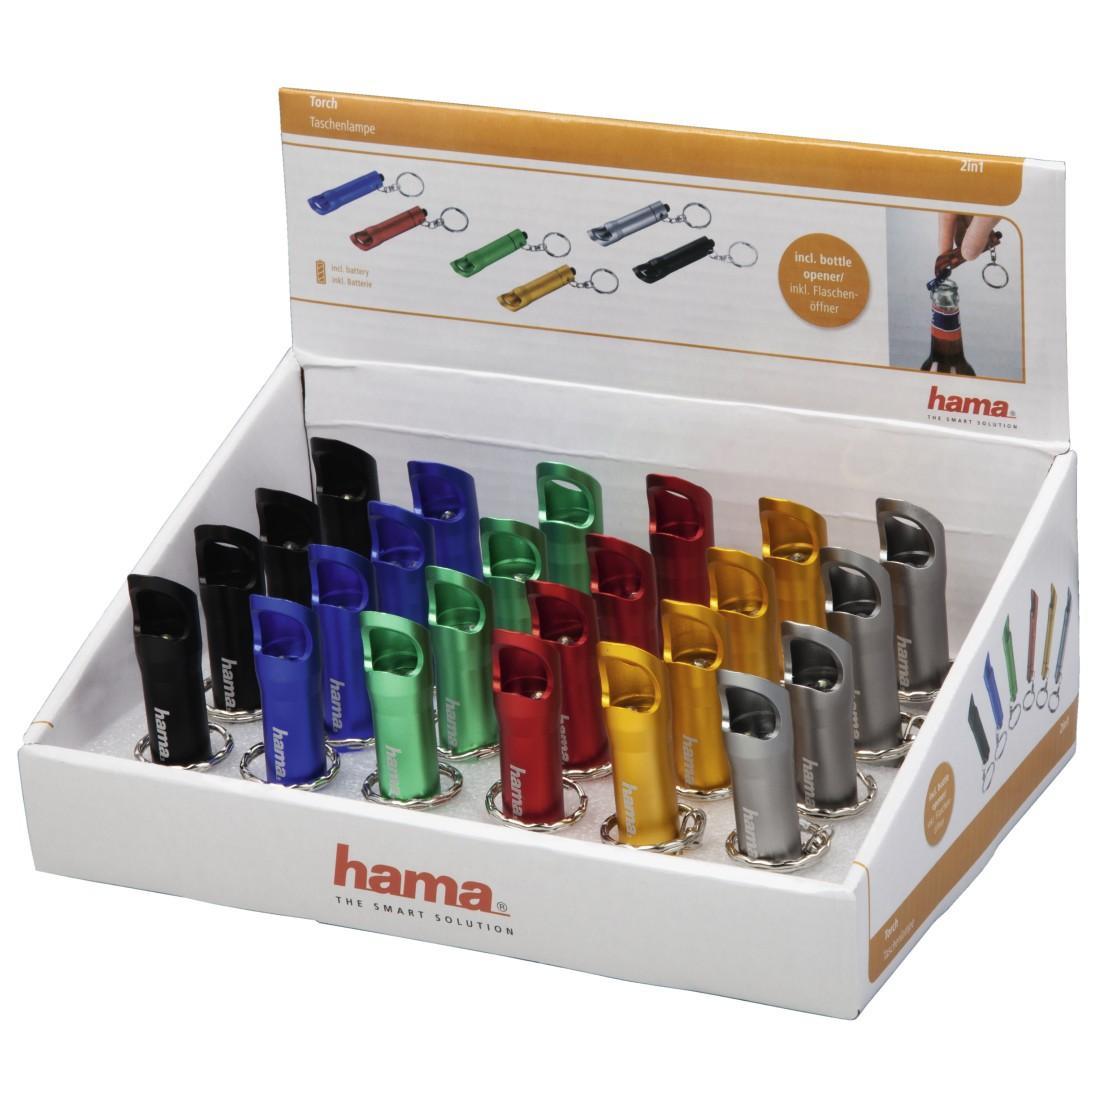 Фенер Hama 2in1, отварачка за бутилки, 24 броя в кутия